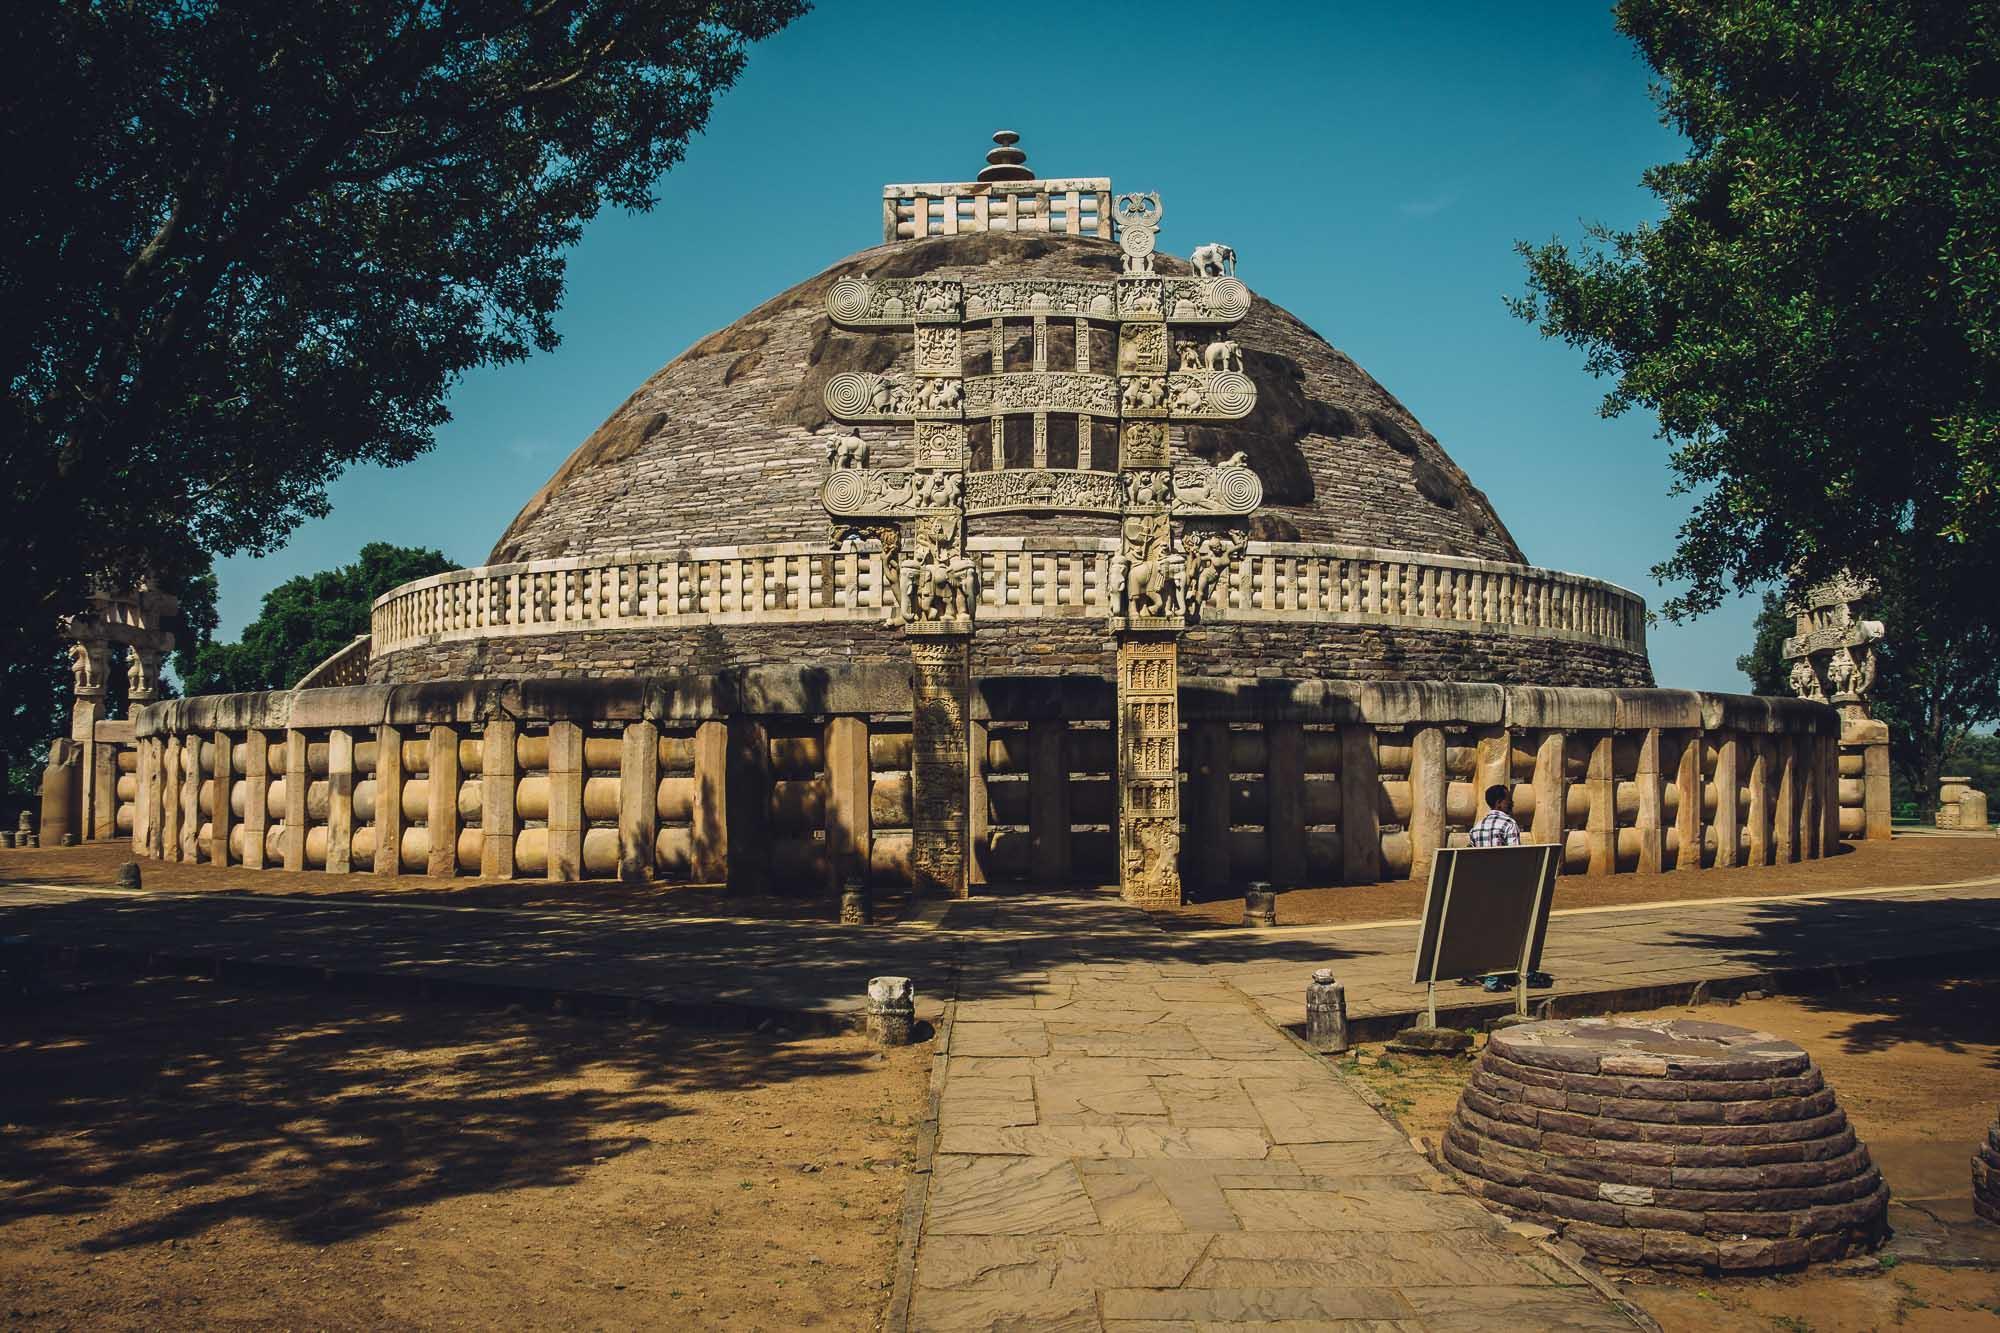 The Main Stupa at Sanchi